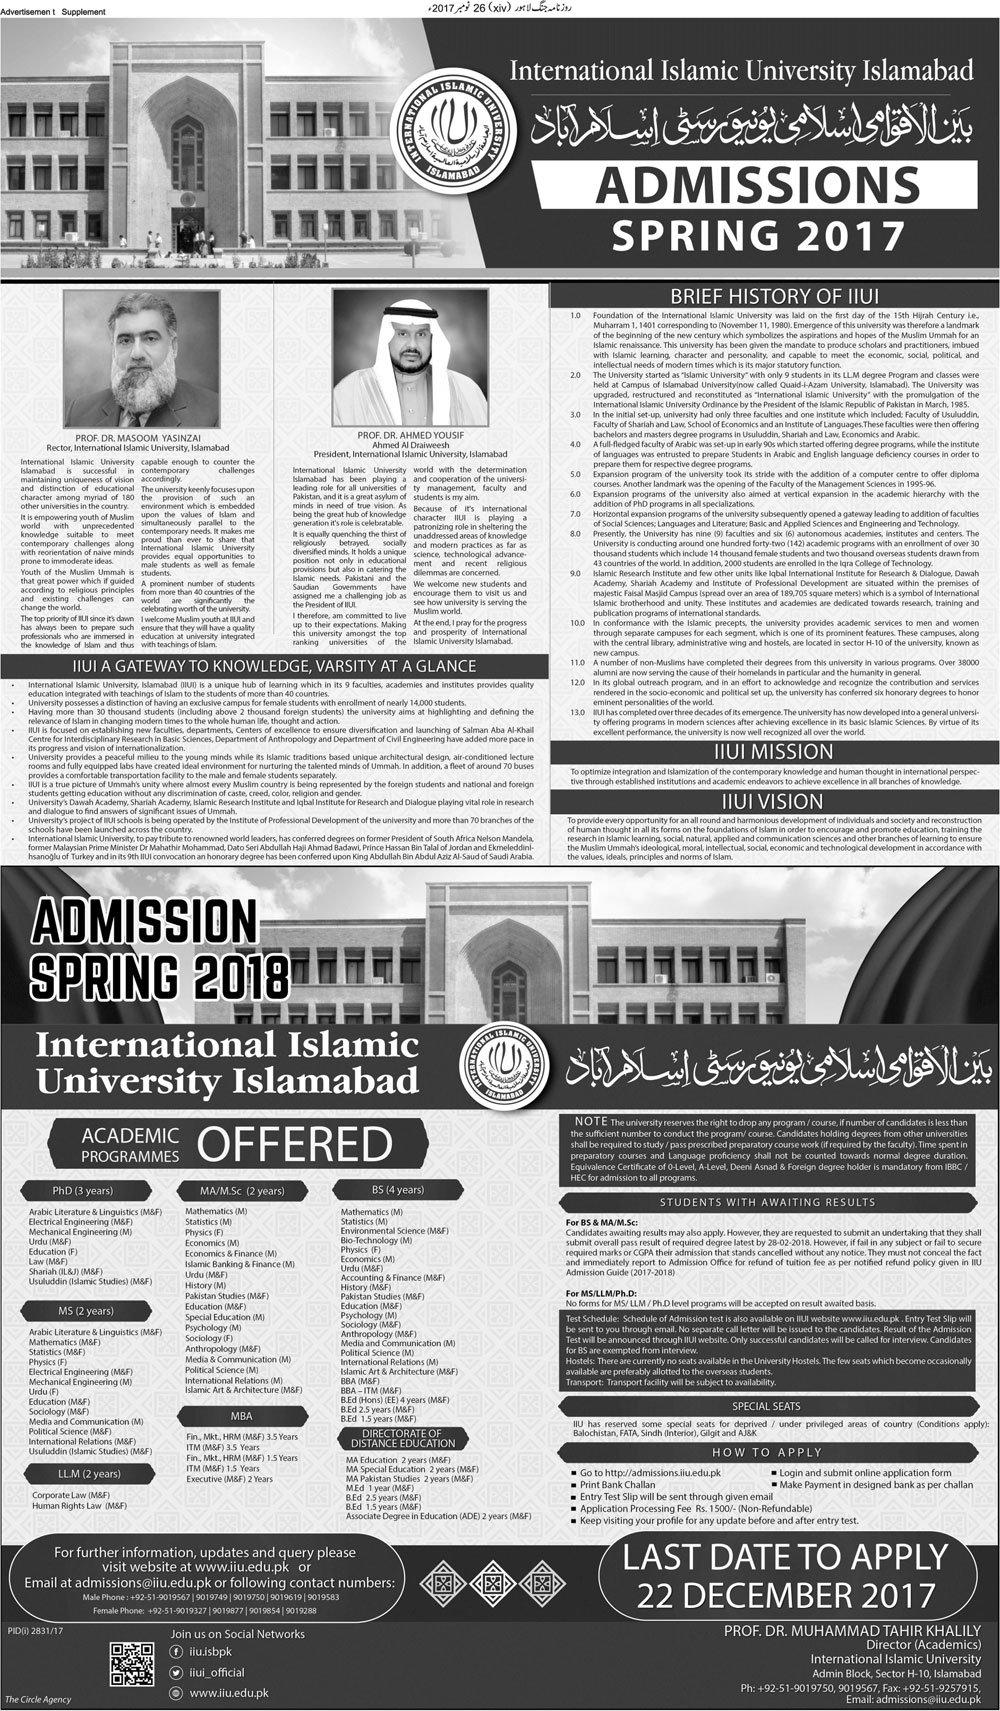 International Islamic University Islamabad Admission 2018